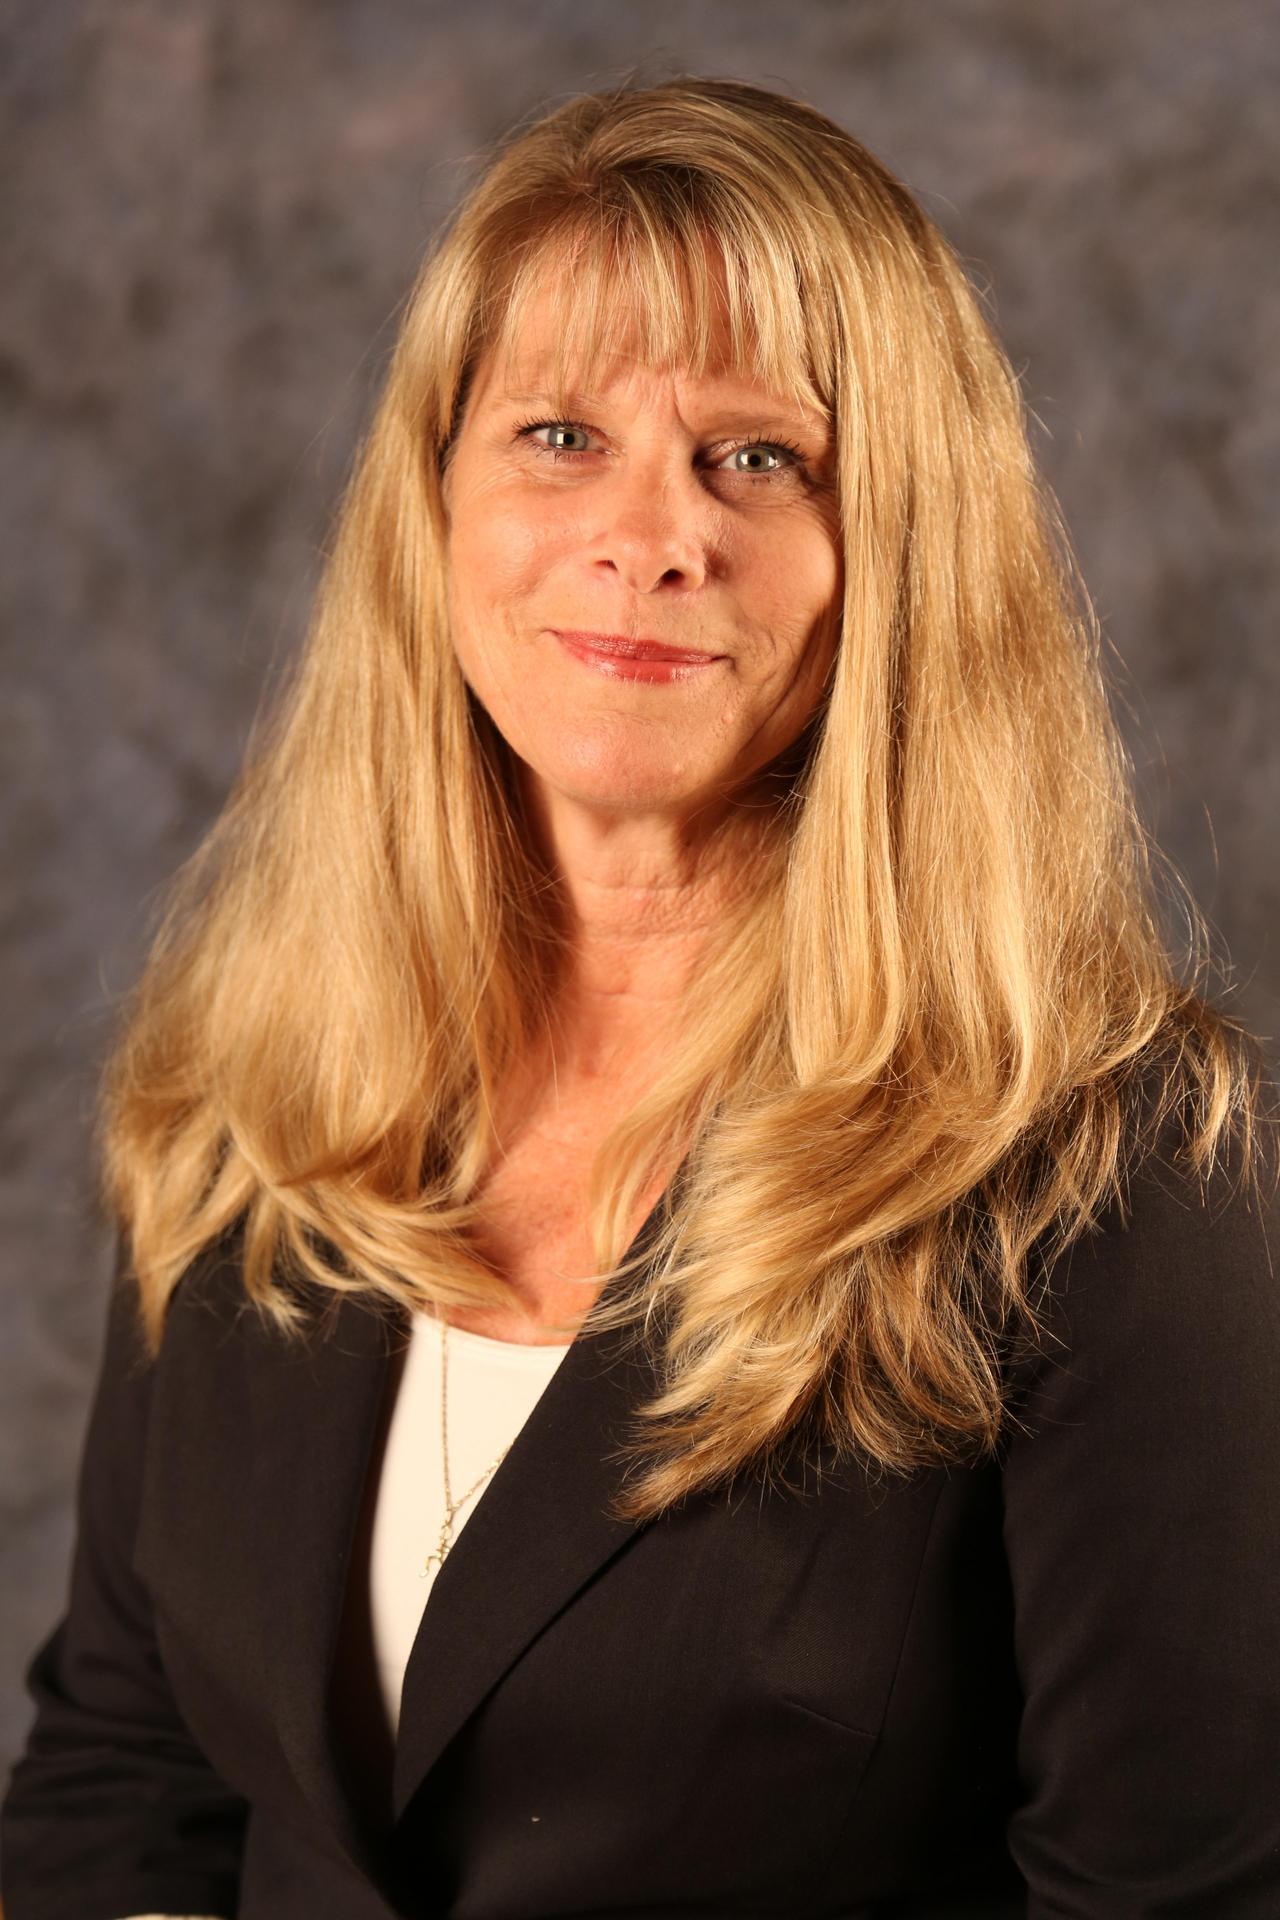 Pam Valenti